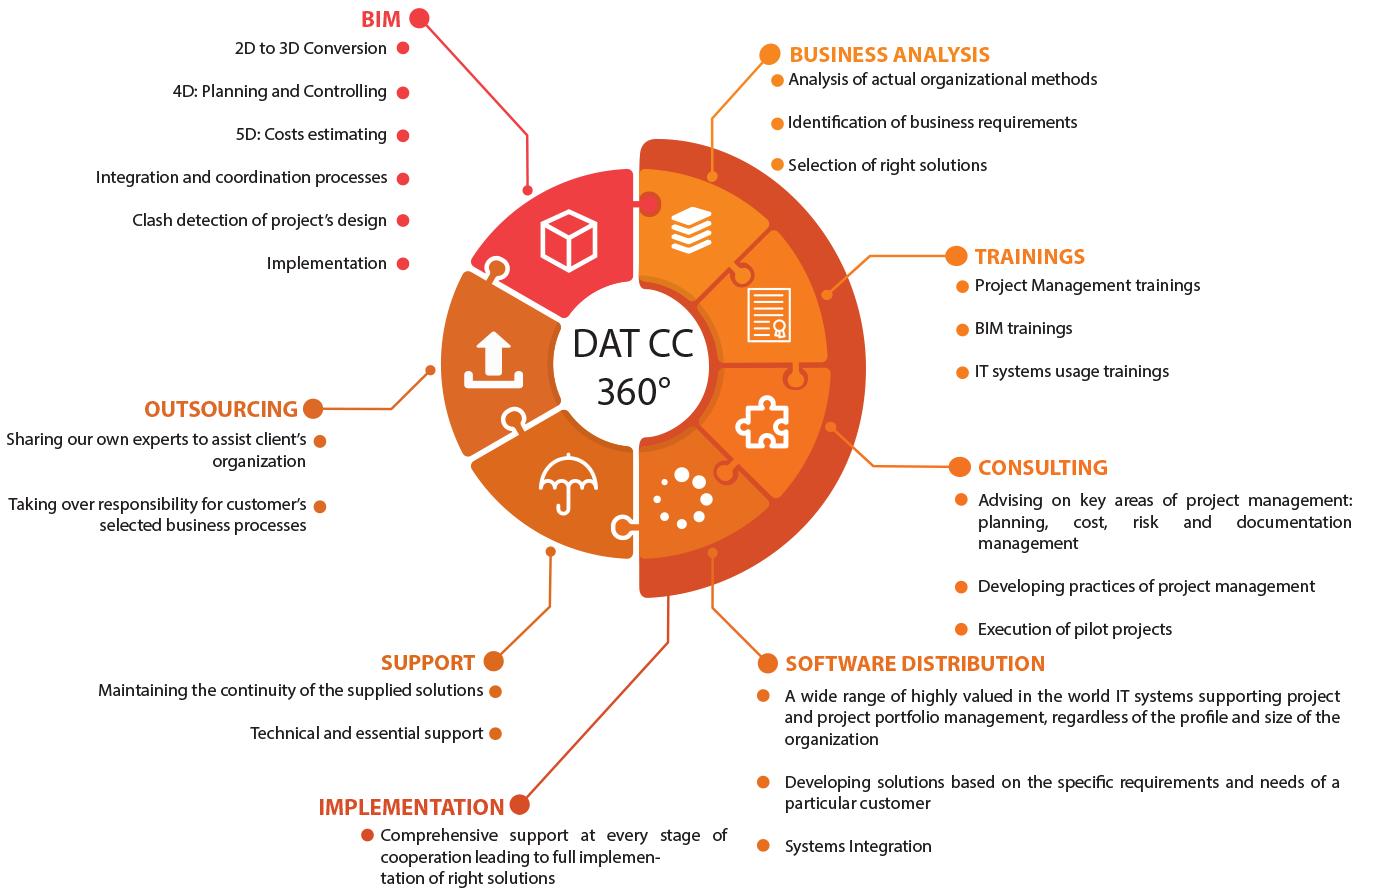 [ENG] PM Circle - DATCC 360 Scope Circle